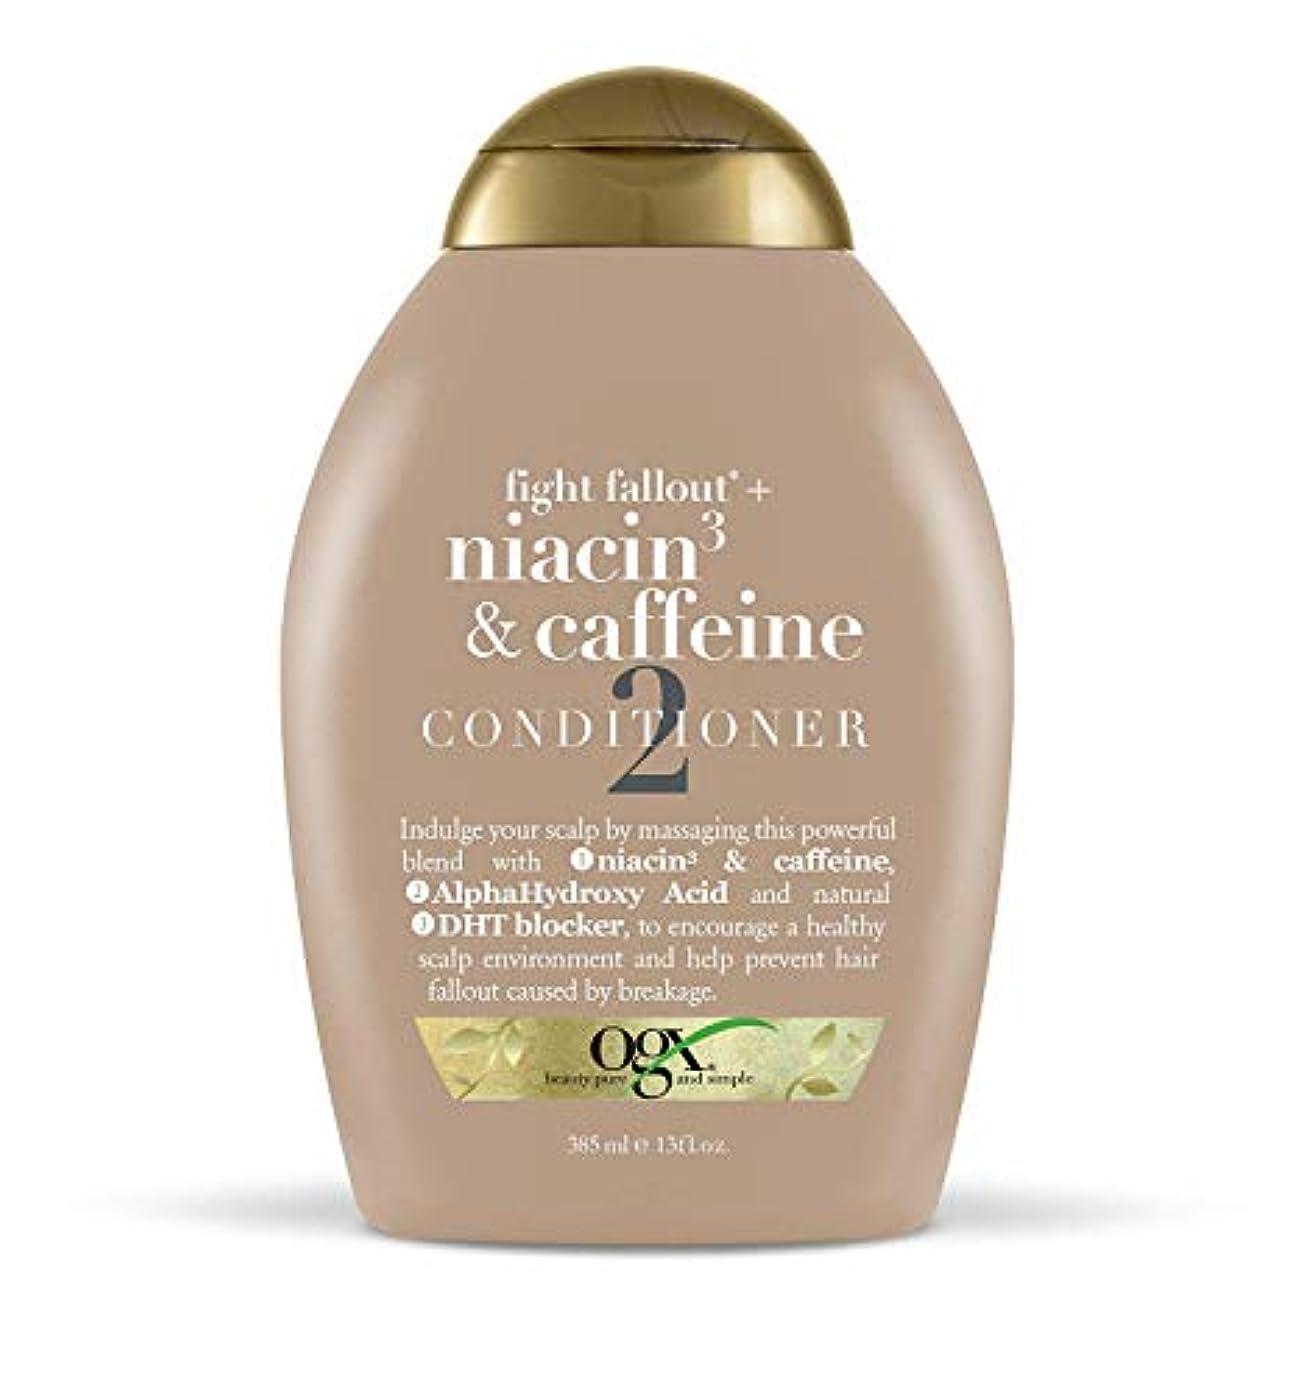 シングル壊れた緩めるOGX Conditioner Niacin 3 & Caffeine 13oz コンディショナー ナイアシン 3 & カフェイン 385 ml [並行輸入品]